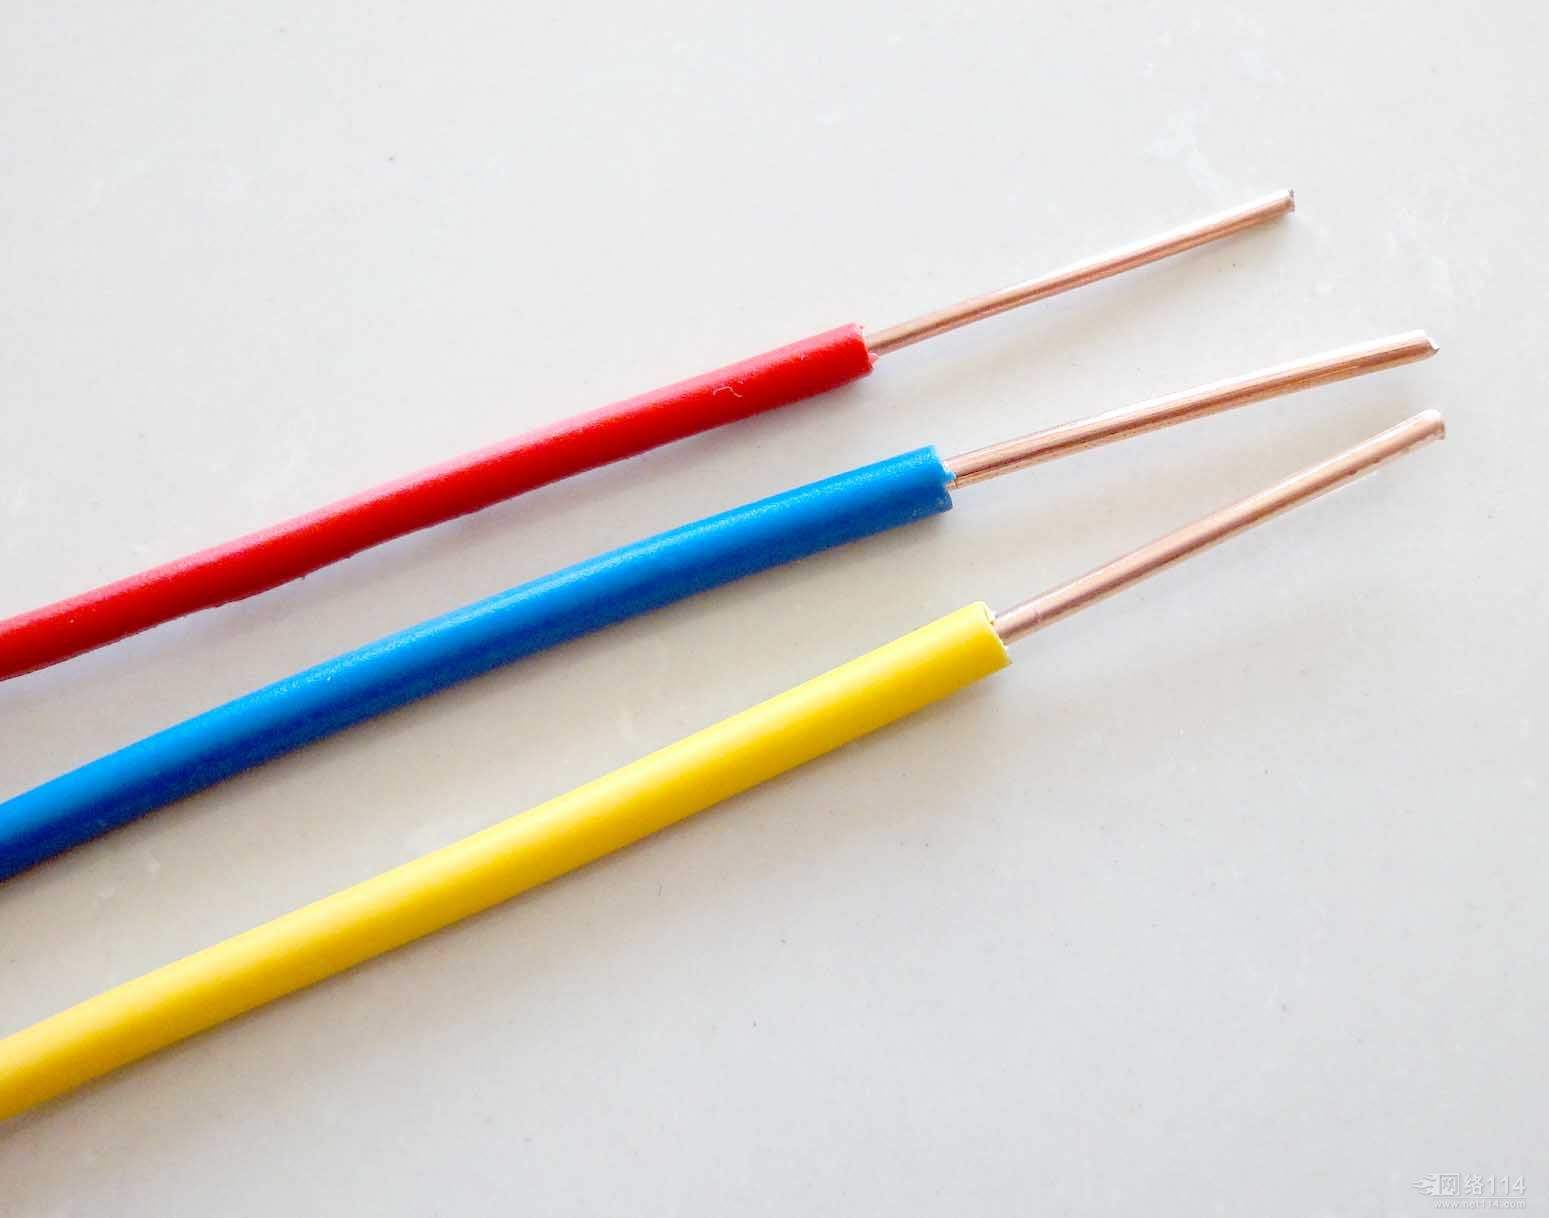 阻燃电缆概述